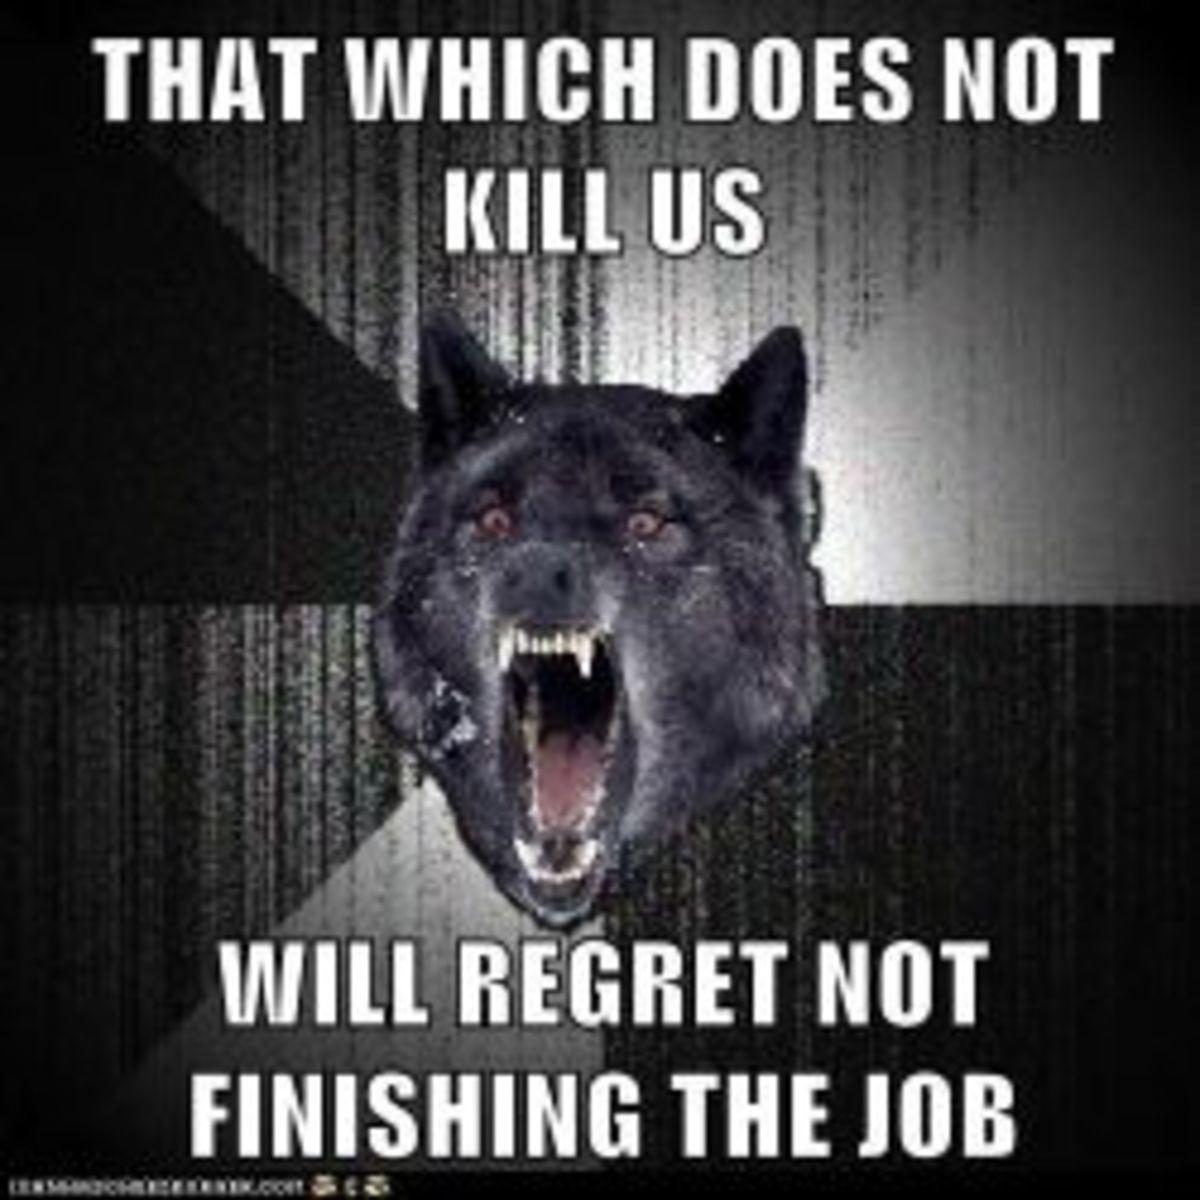 Rage! (courtesy of Icanhascheezburger.com)